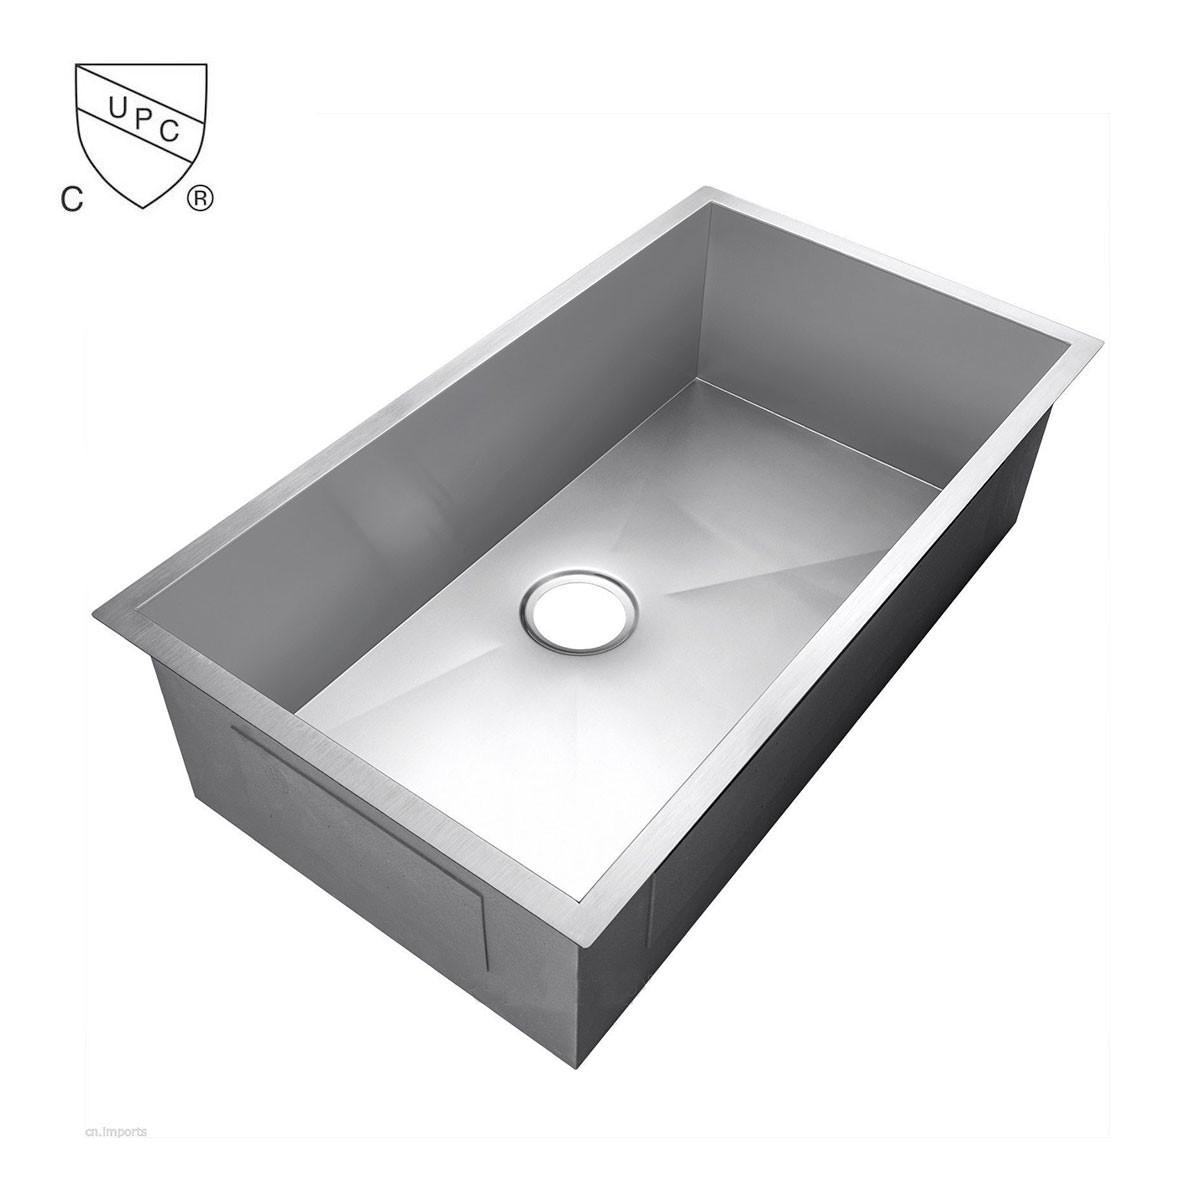 Evier de cuisine l 39 angle droit en acier inoxydable for Evier cuisine solde